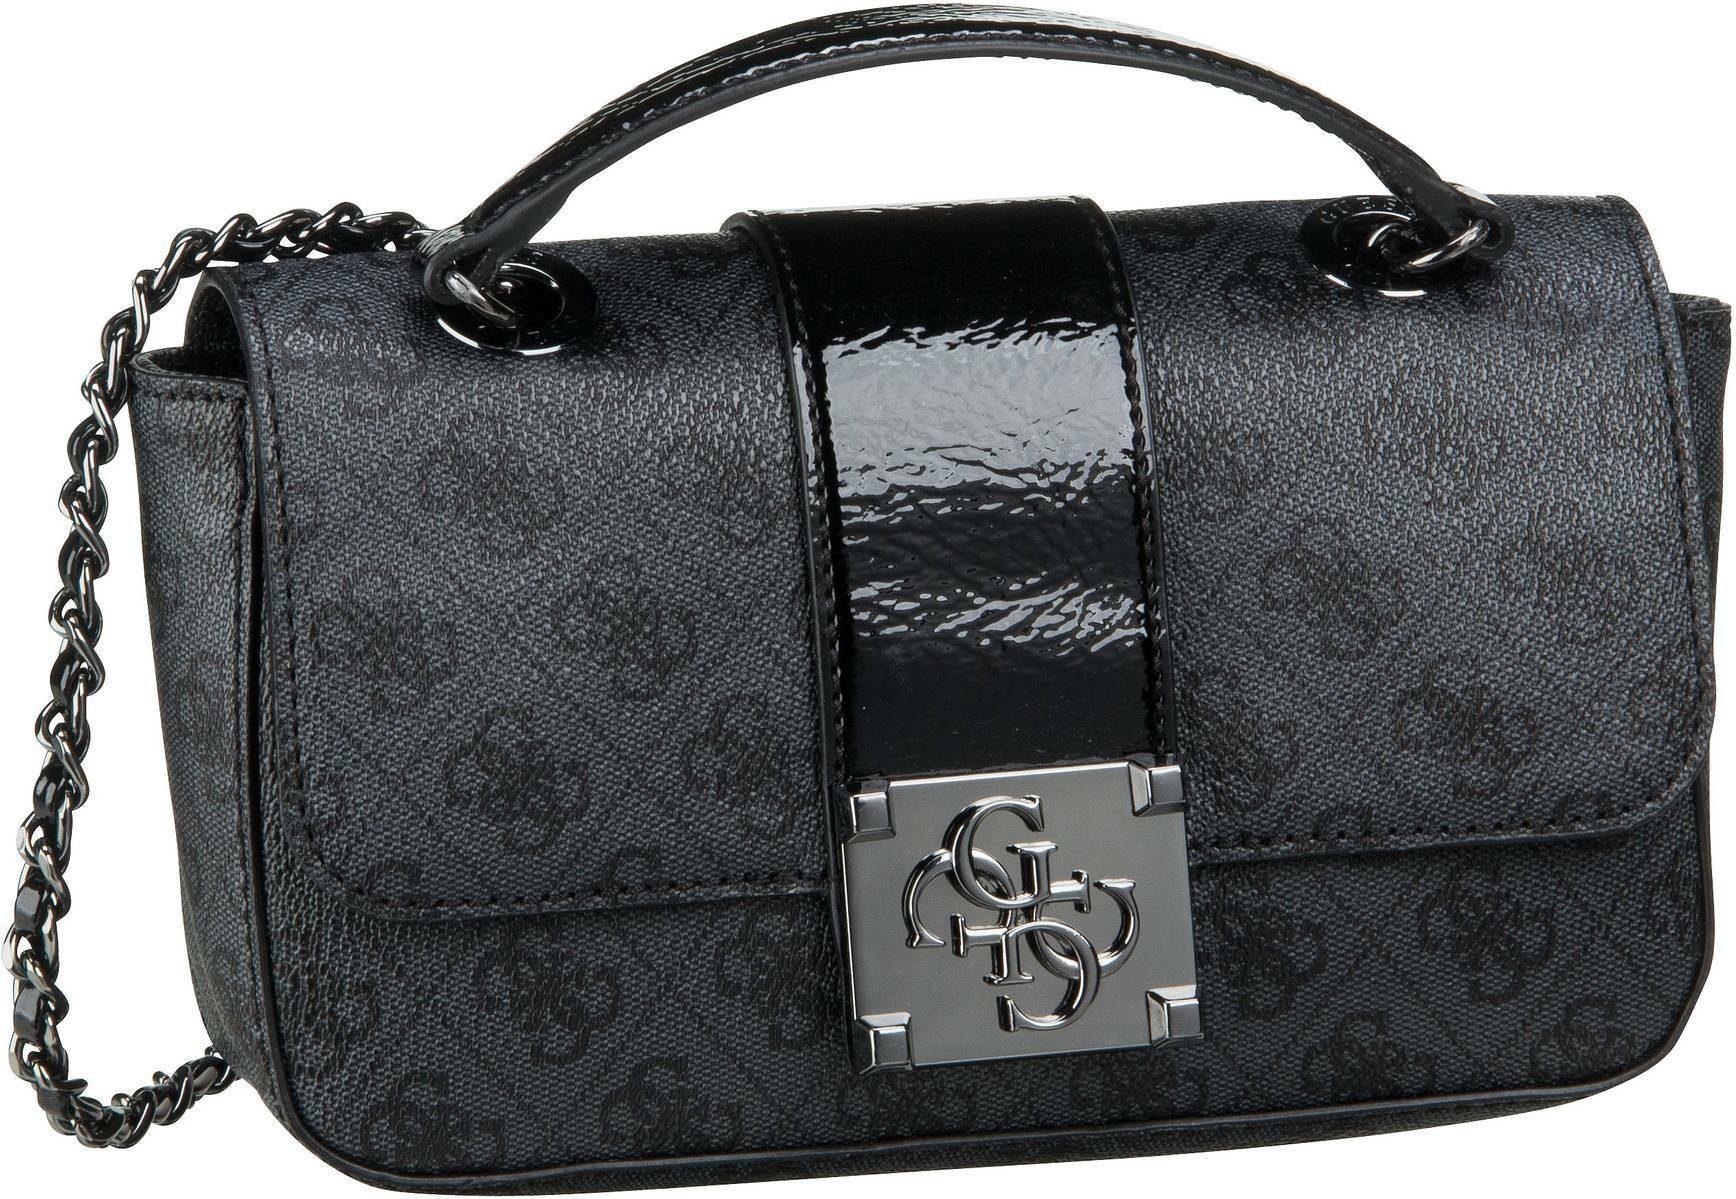 Guess Mini Bag »GUESS CHIC«, in glänzender Lack Optik mit Kettendetails